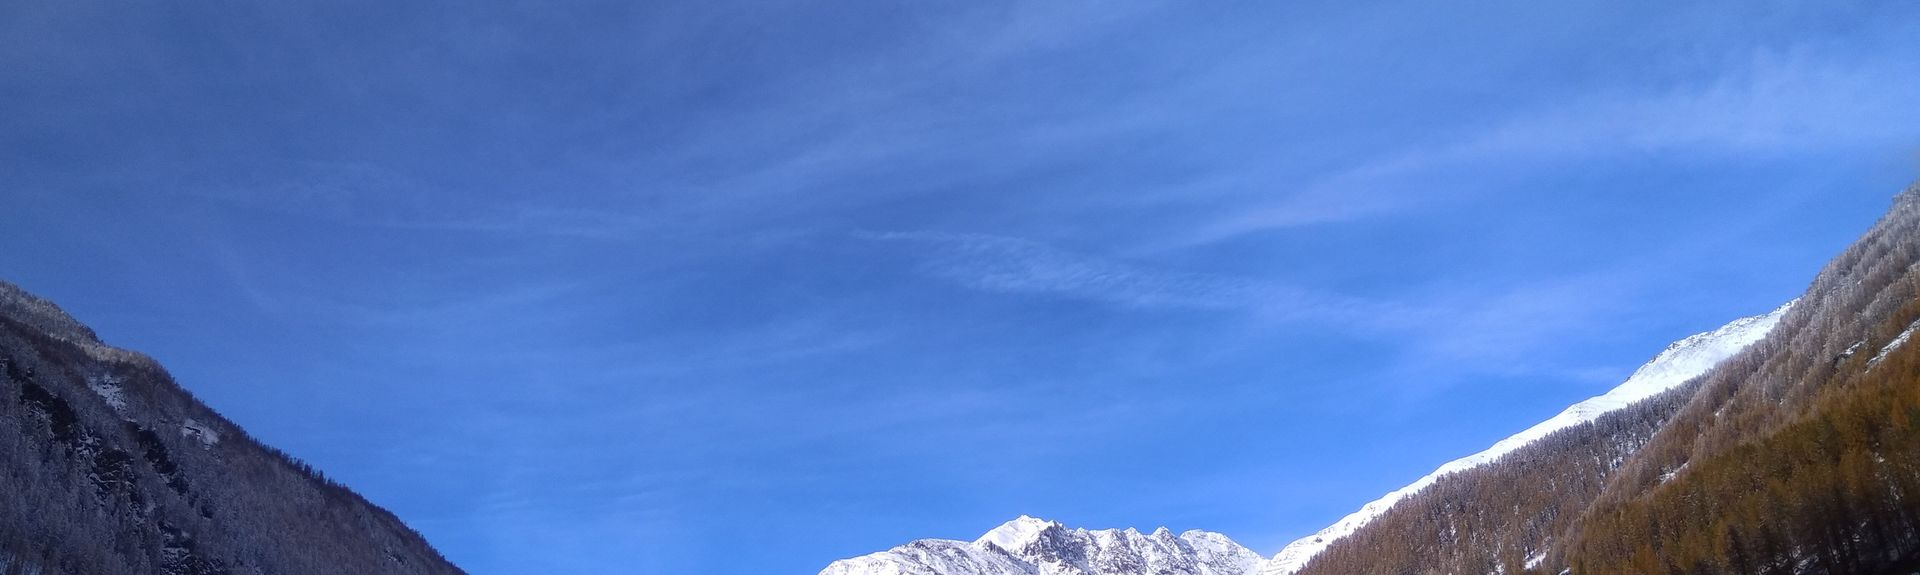 Tirolo, Trentino-Alto Adige, Italy